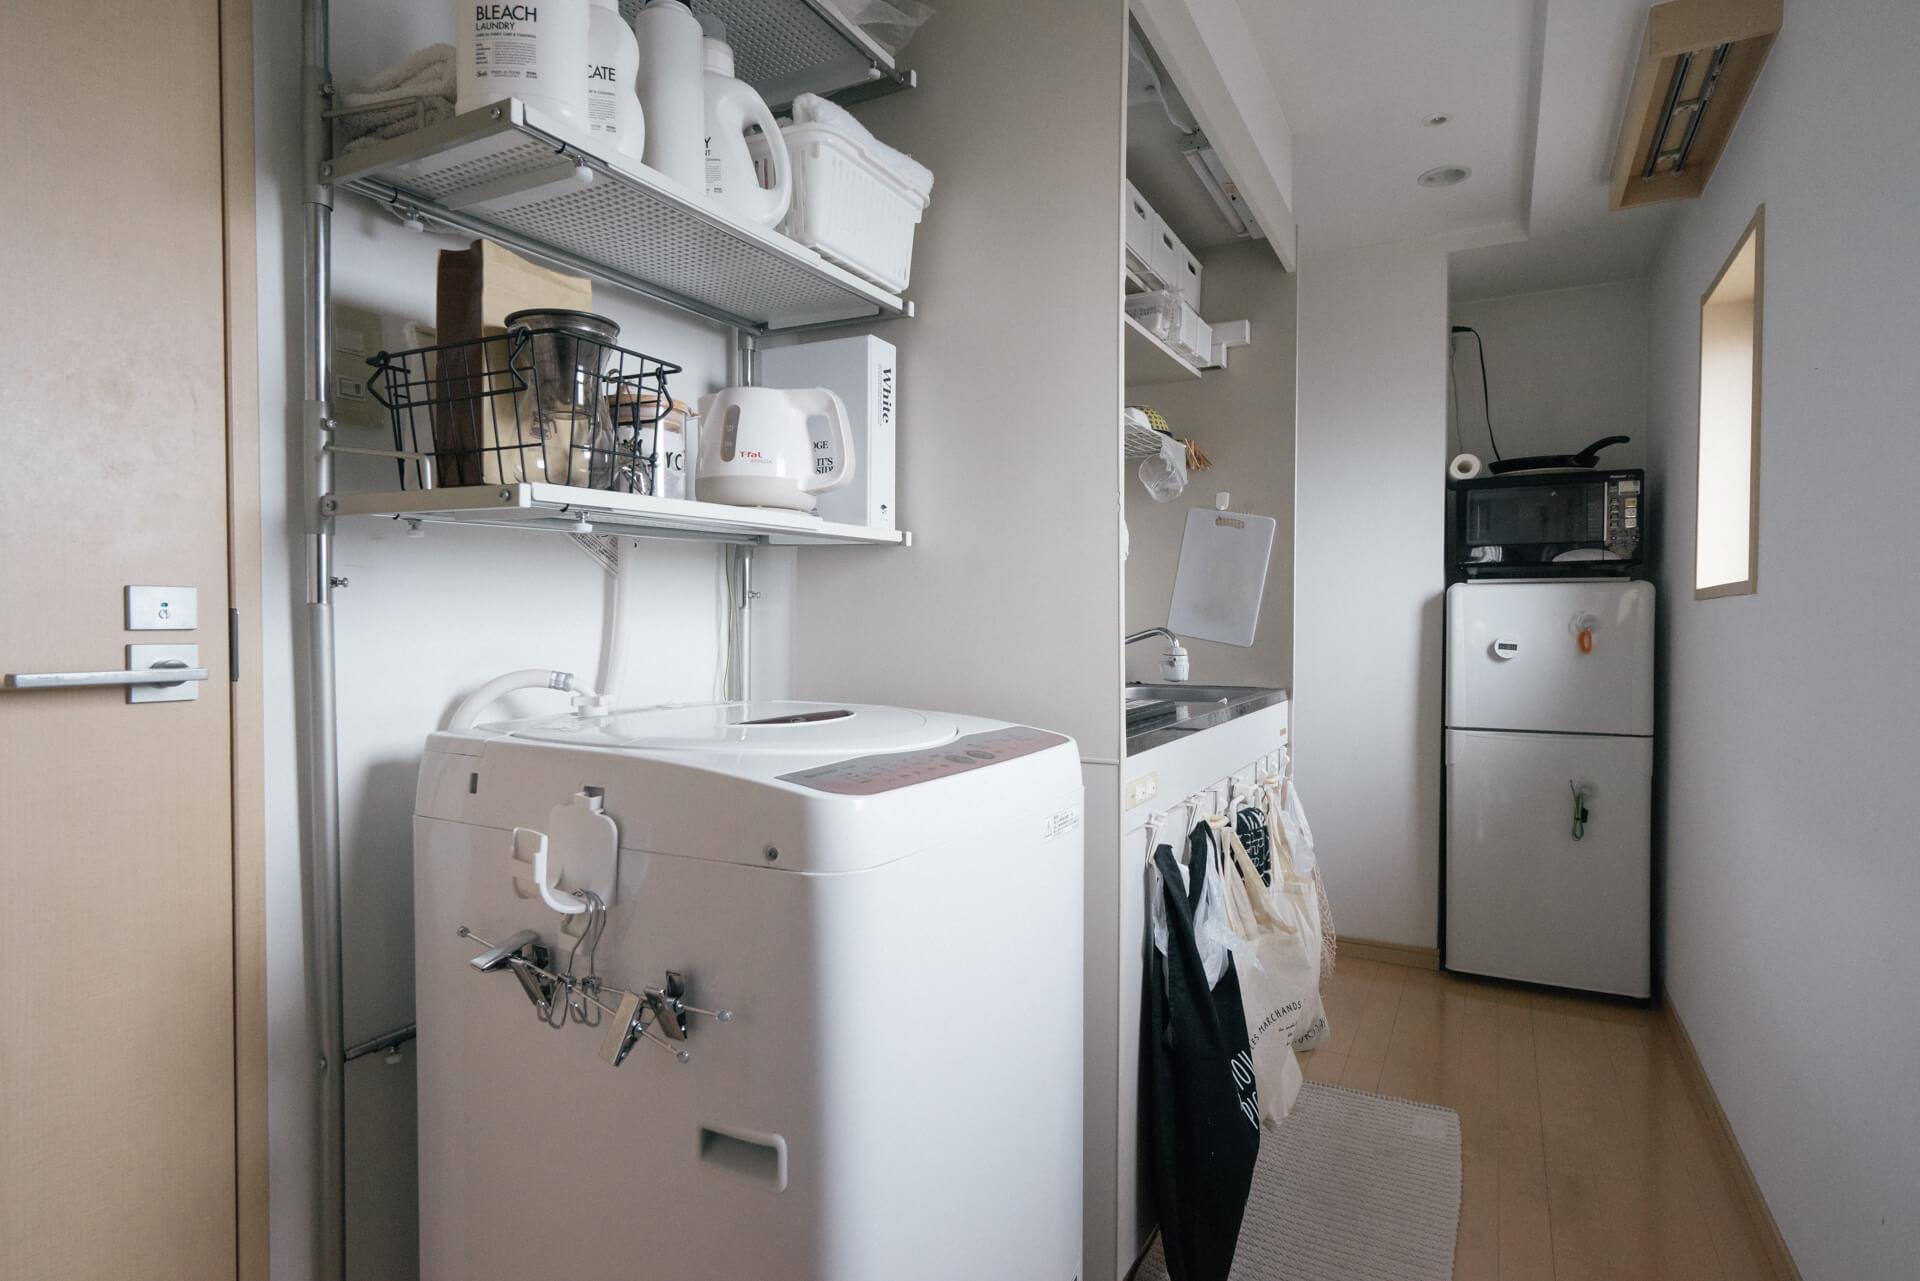 キッチンと洗濯機のある廊下部分も、目に見えるものはほとんどがモノトーン。